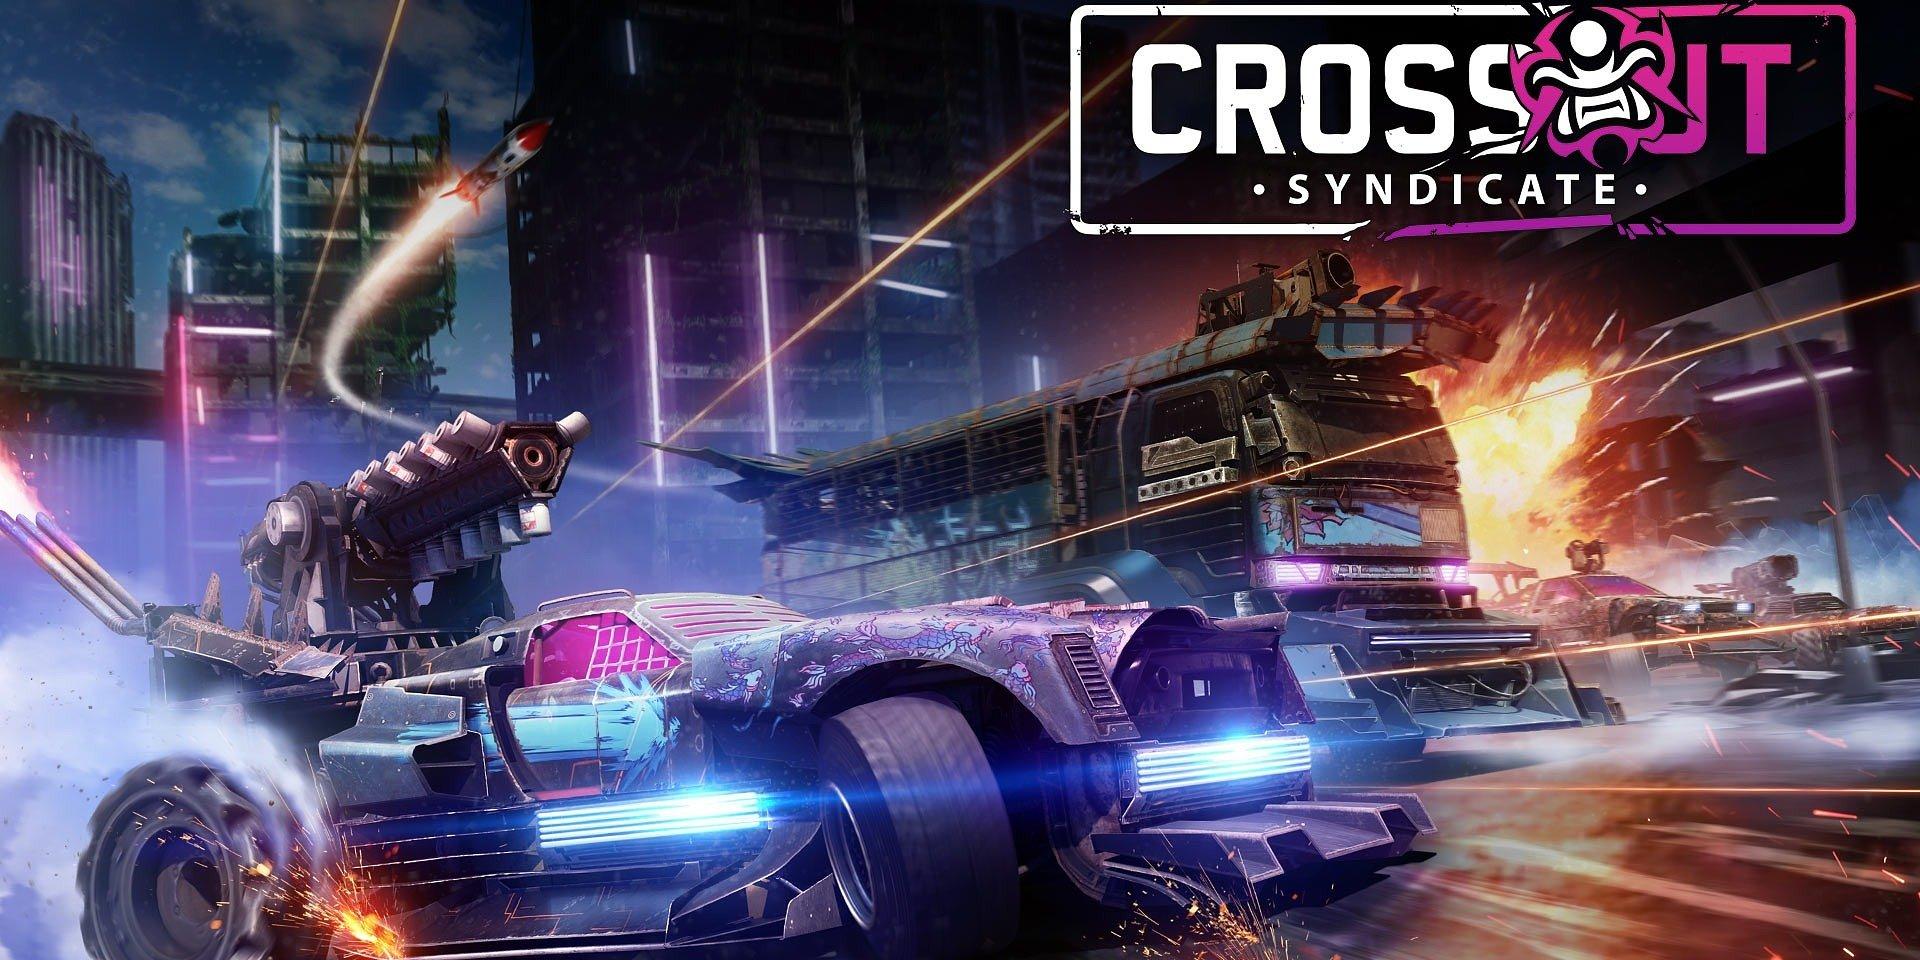 Cyberpunková obrněná vozidla vstupují do postapokalyptického světa Crossout